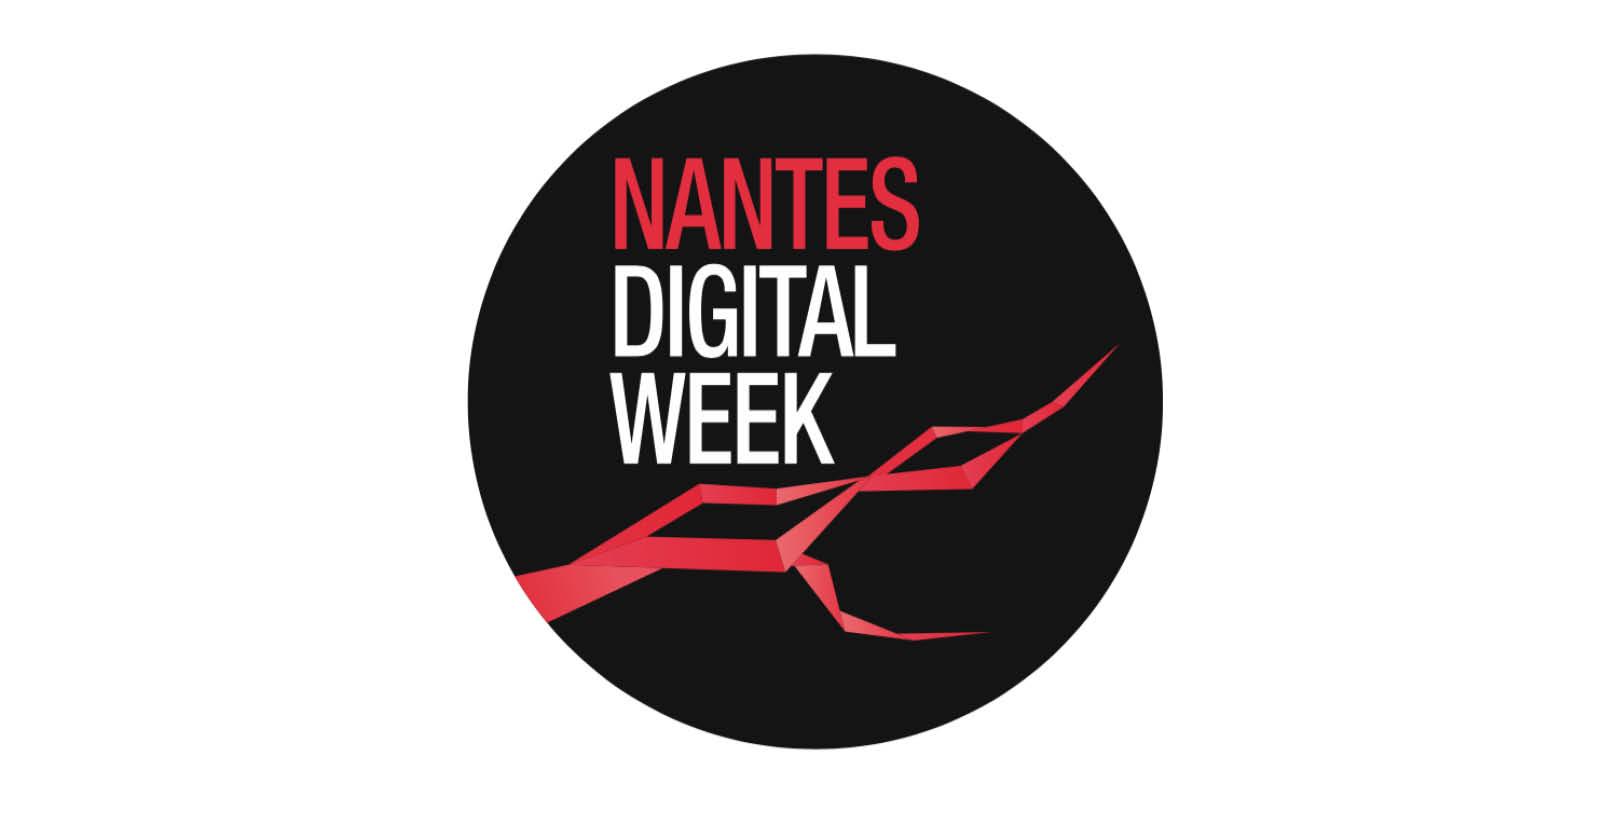 Digital Week Nantes